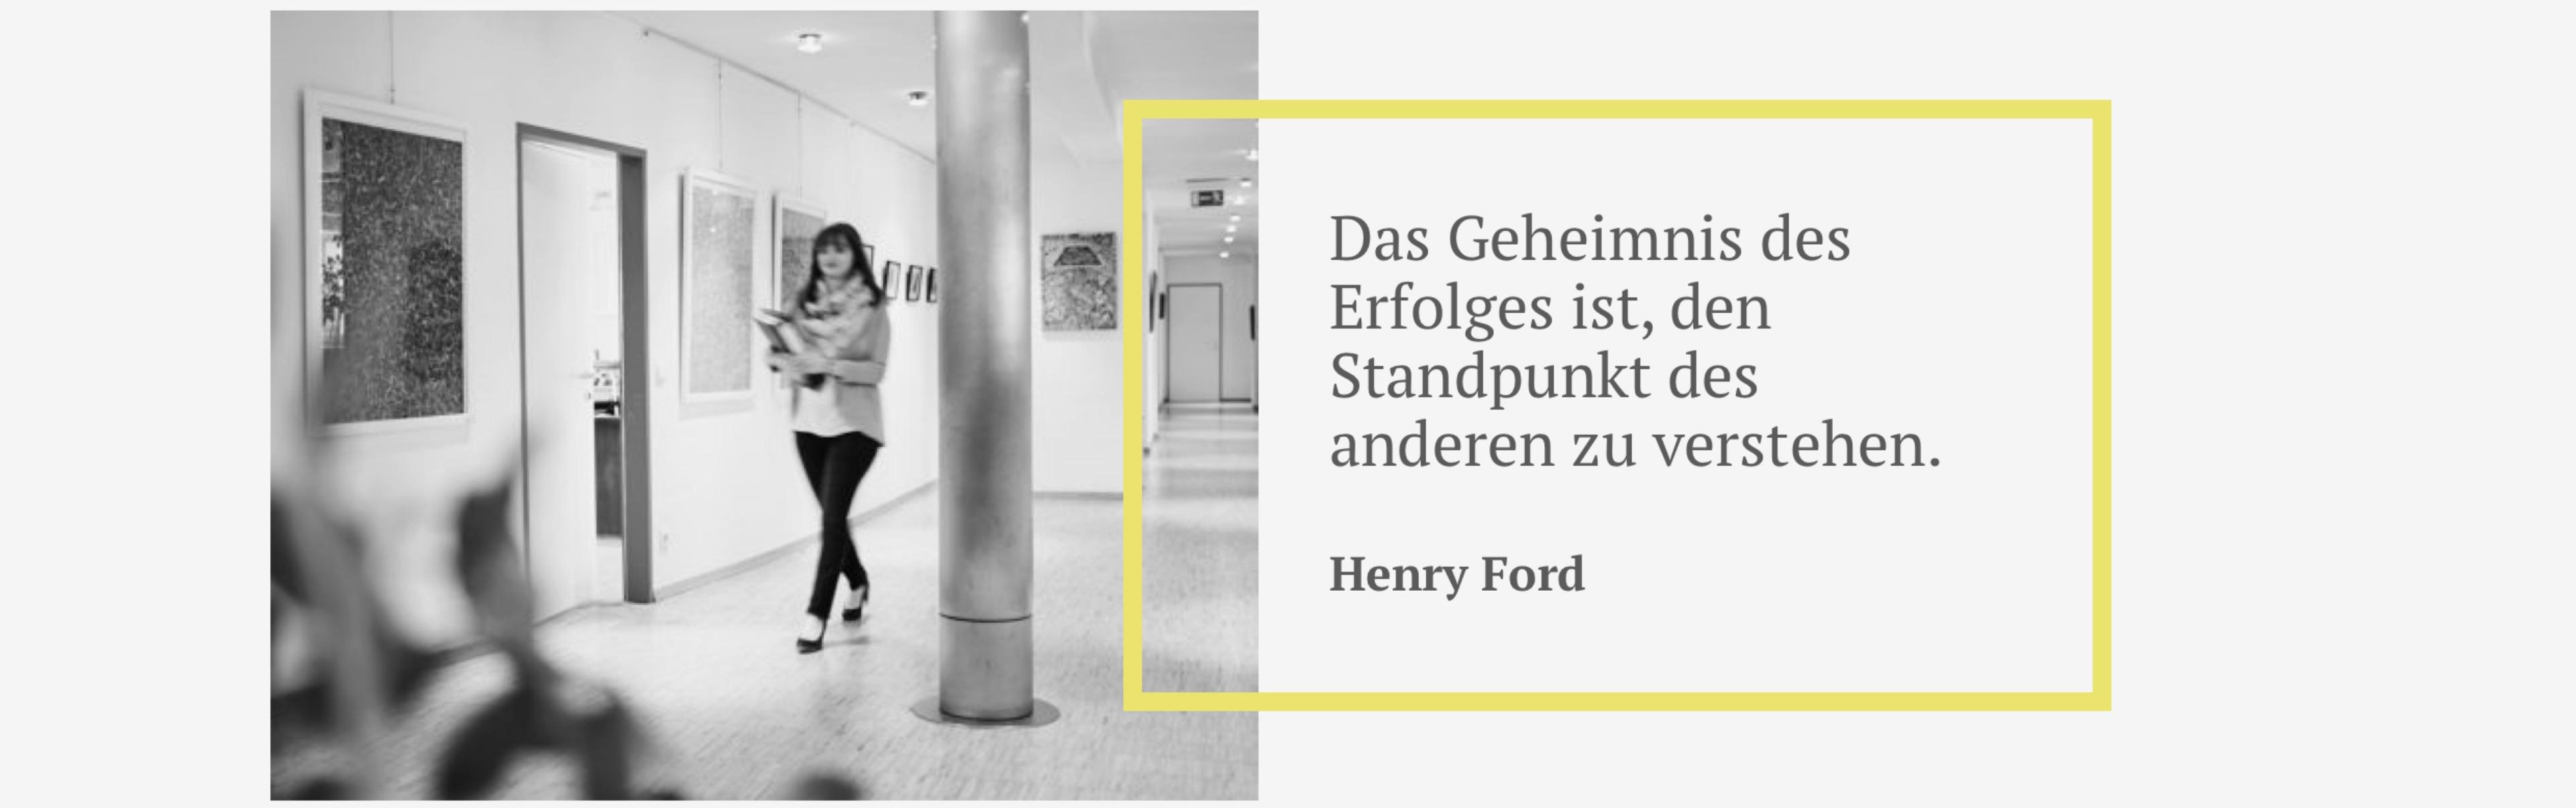 q2-werbeagentur_scheinecker_zitat-website